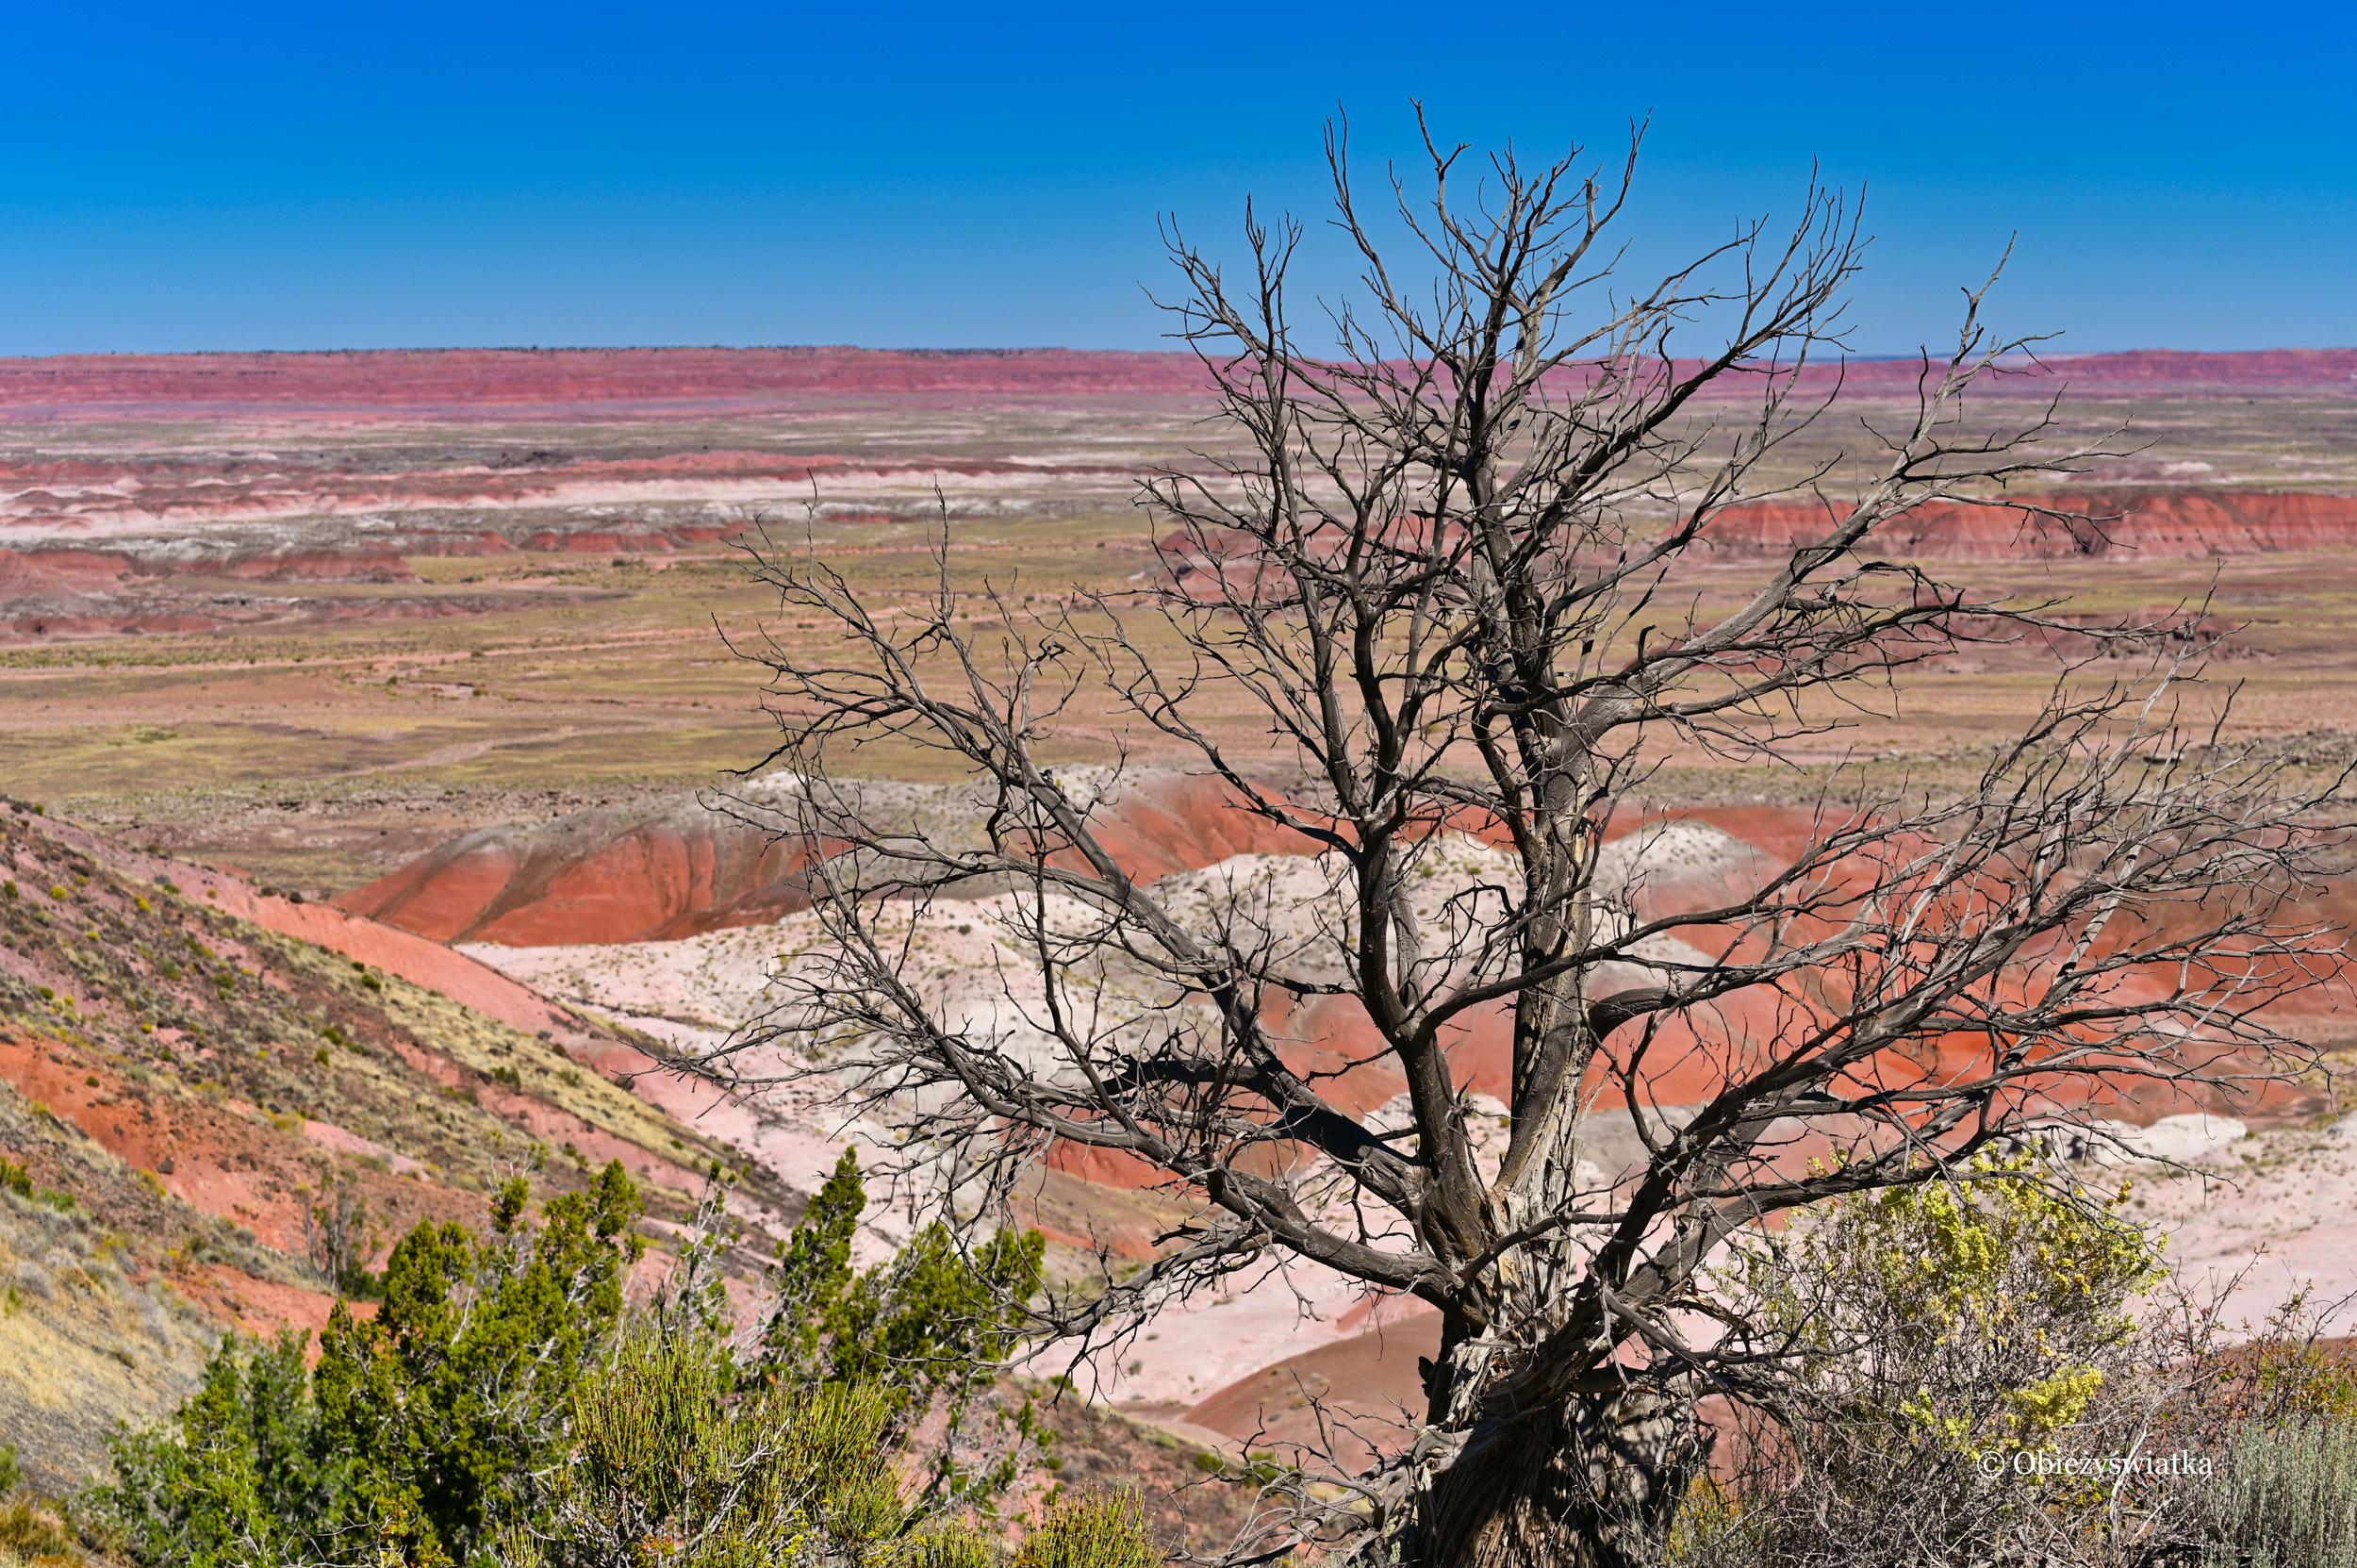 Pustynia - Painted Desert, Arizona